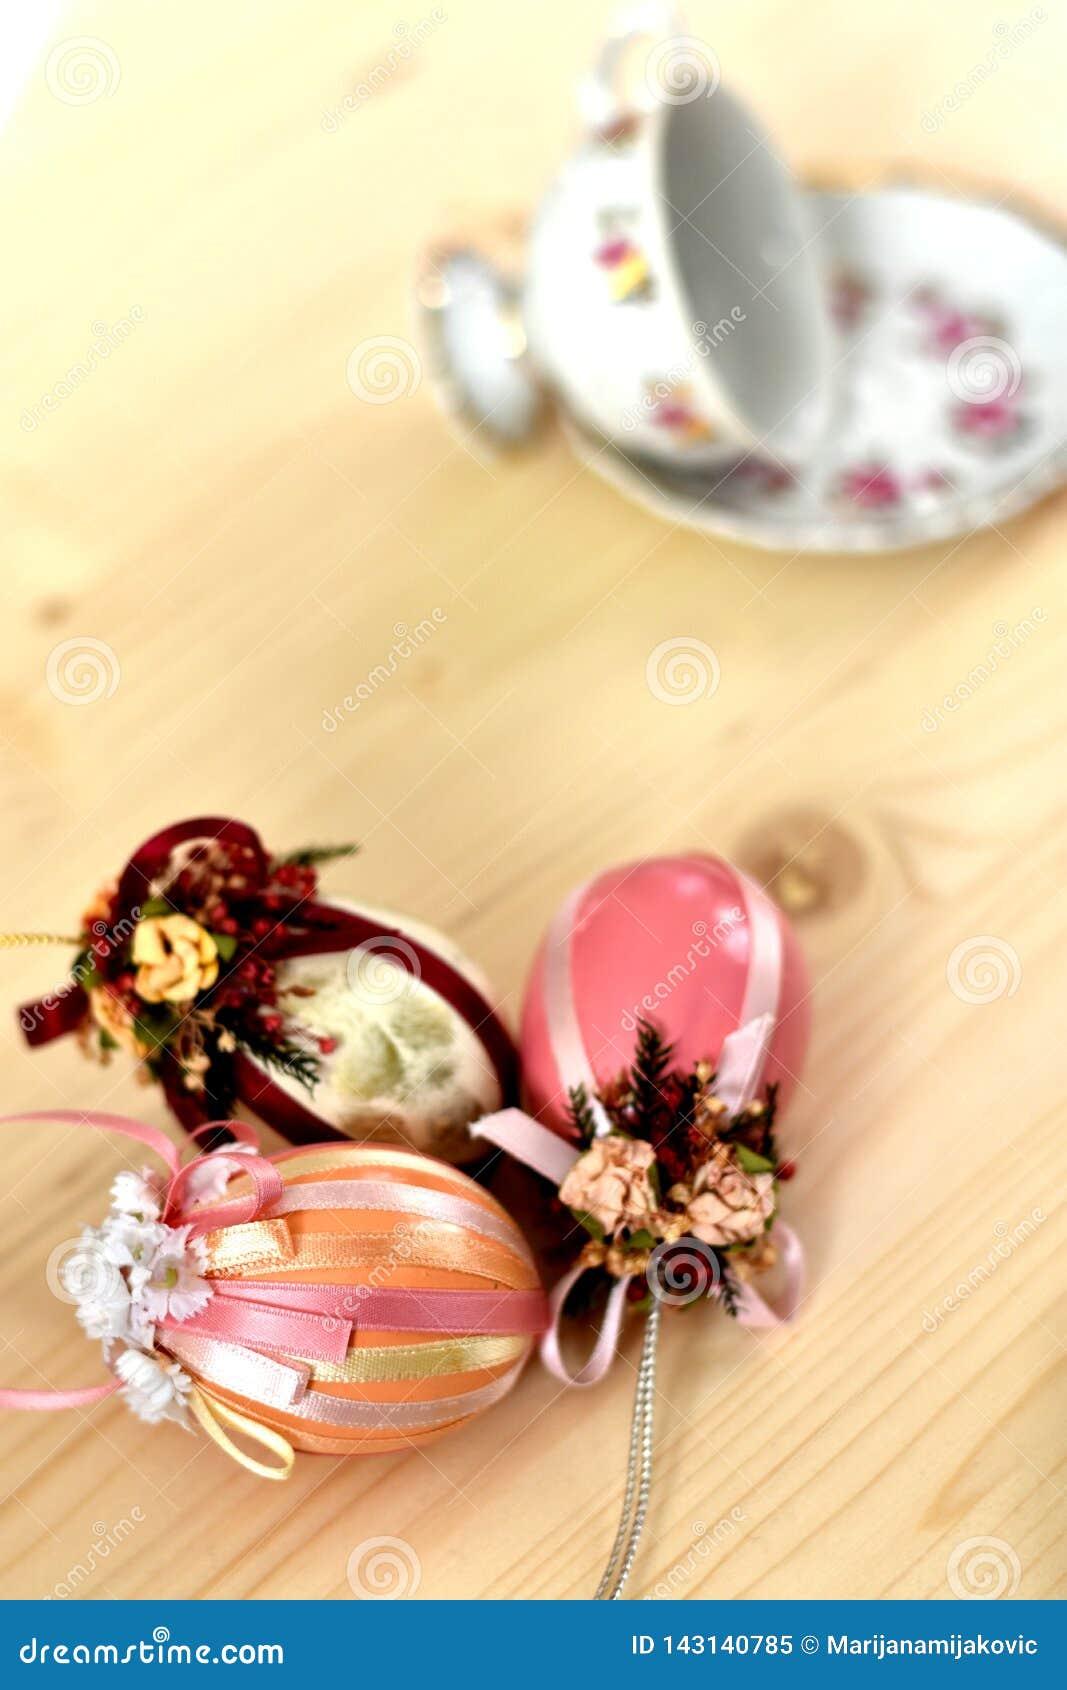 Tappningpåskgarnering av tre skinande rosa färgade påskägg som dekoreras med band och tappningkopp och tefat